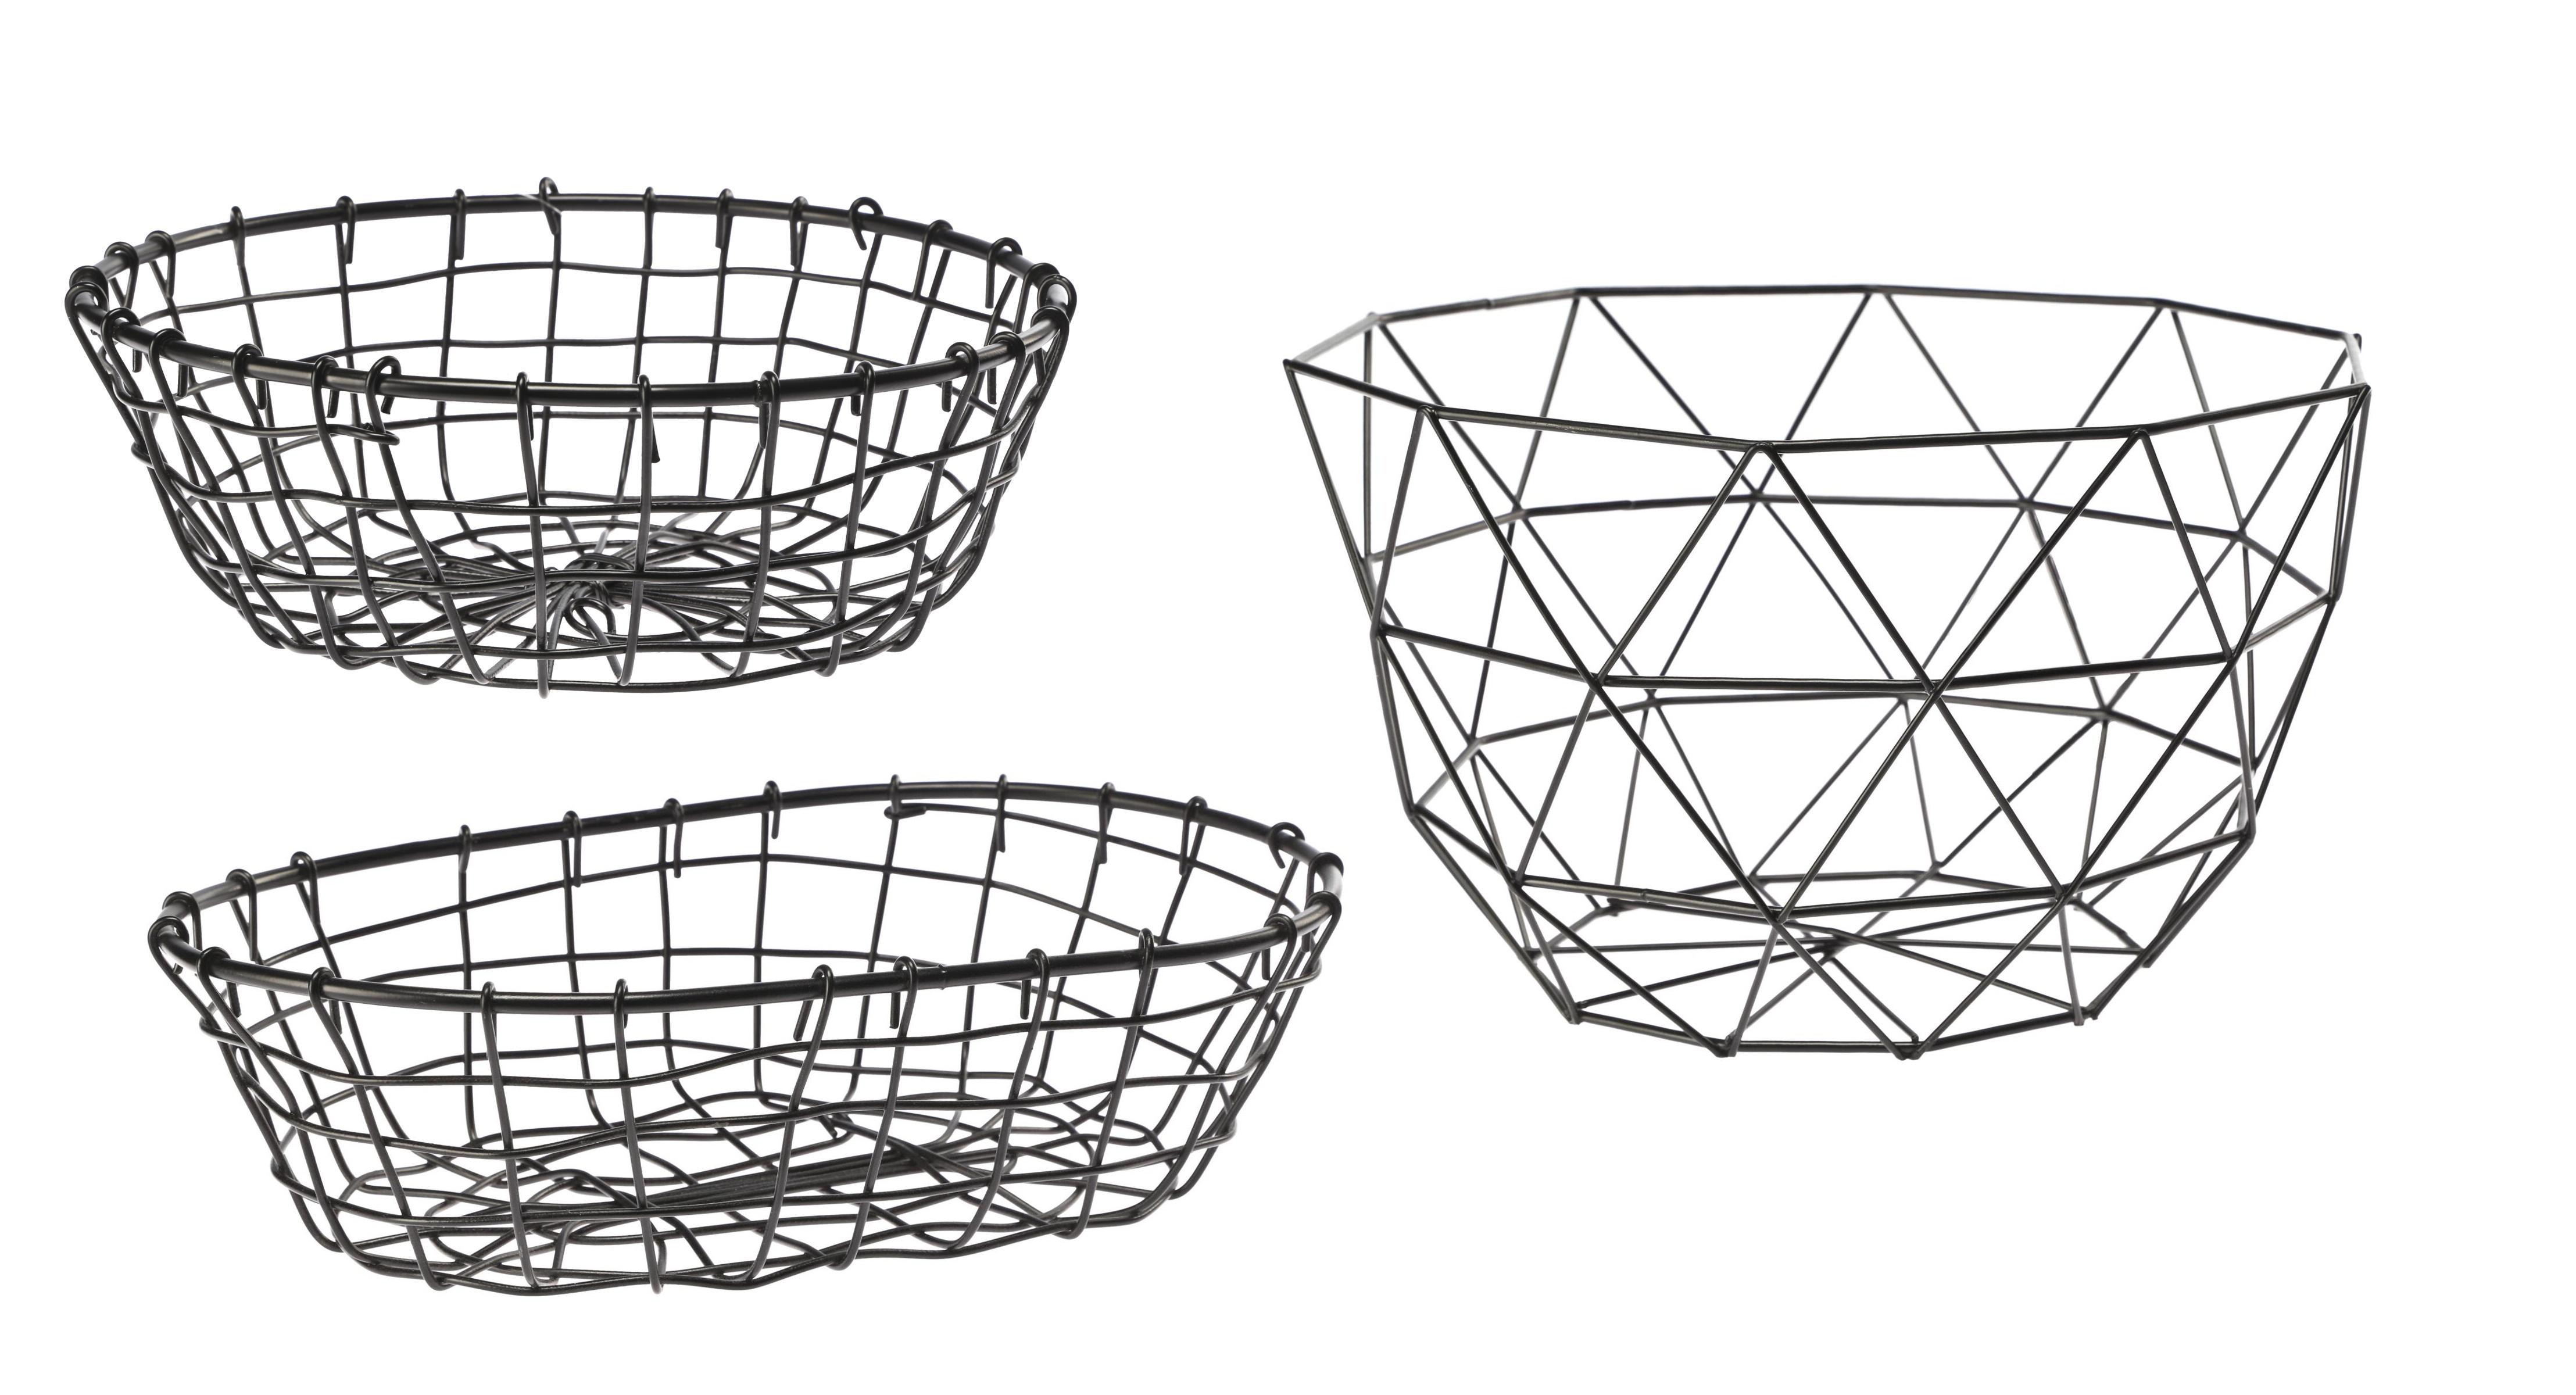 Koszyk Metalowy Kobe Galicja